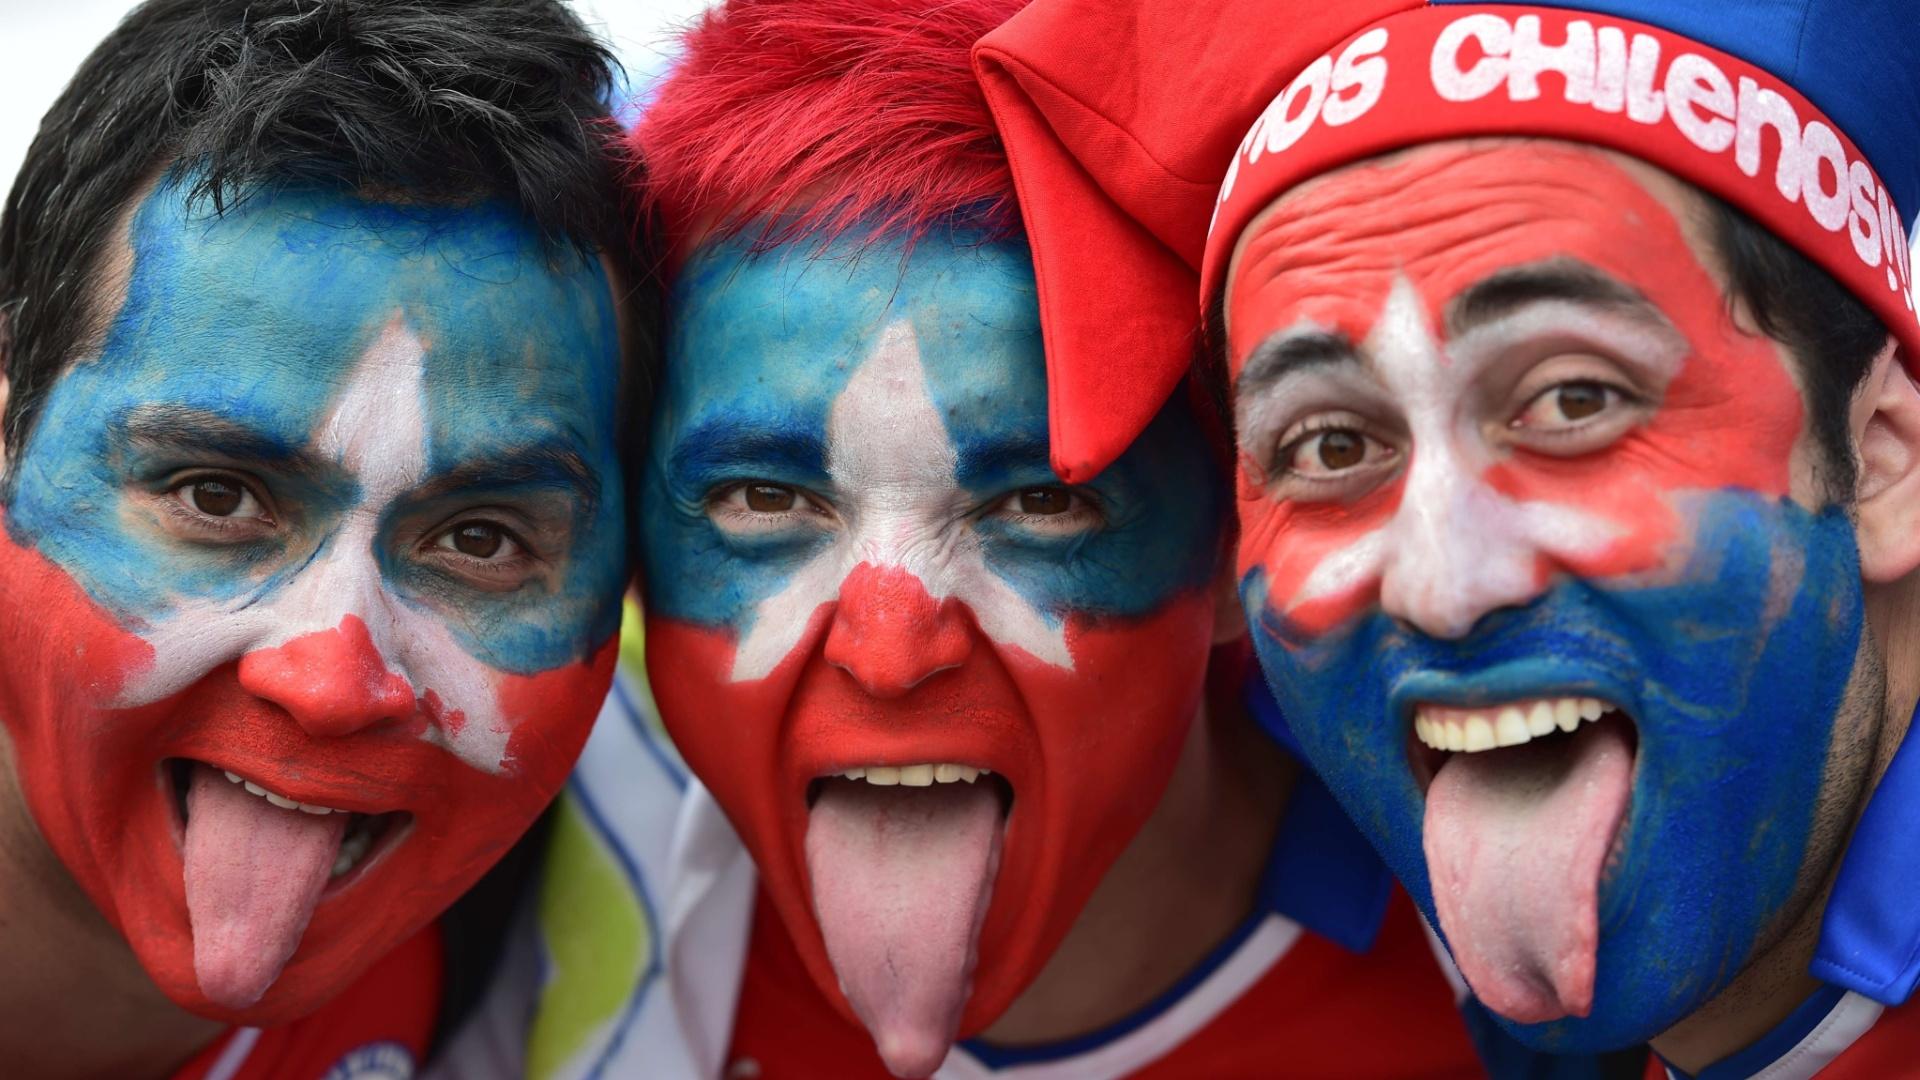 Com rosto pintado, chilenos mostram a língua e esbanjam otimismo antes de jogo contra a Holanda